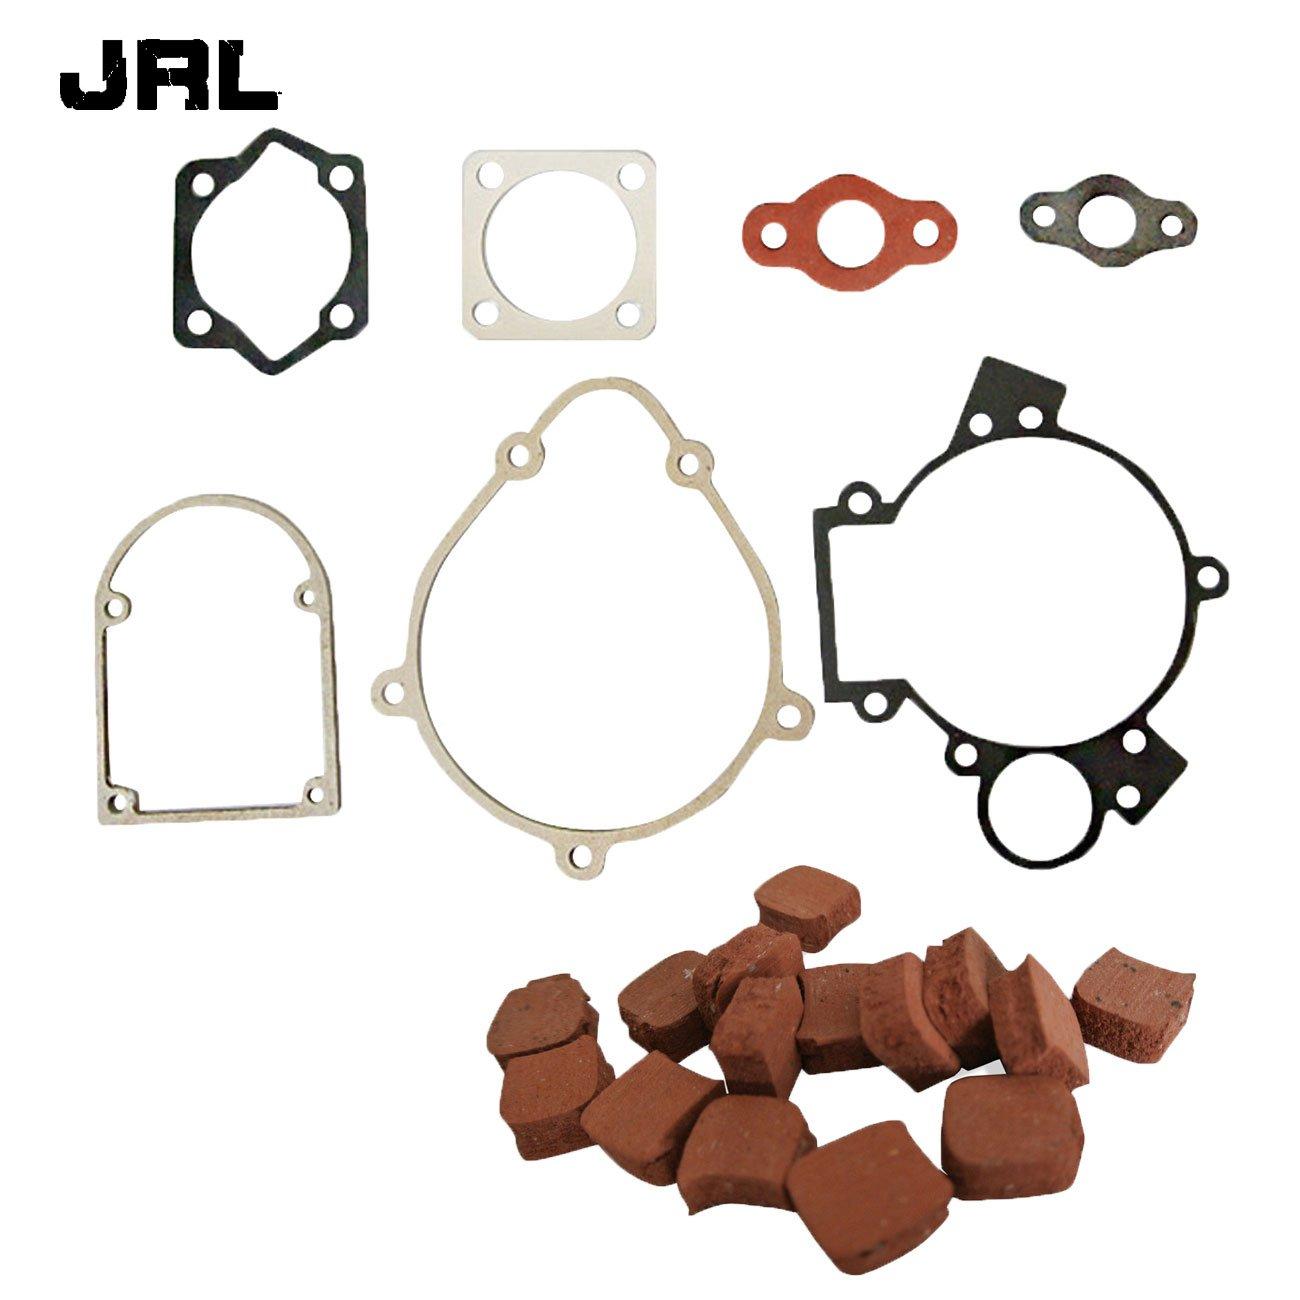 jrl 15 x cuadrado juego de embrague y juego de juntas para 80 cc motorizada bicicleta Bike motor motor Naning Power